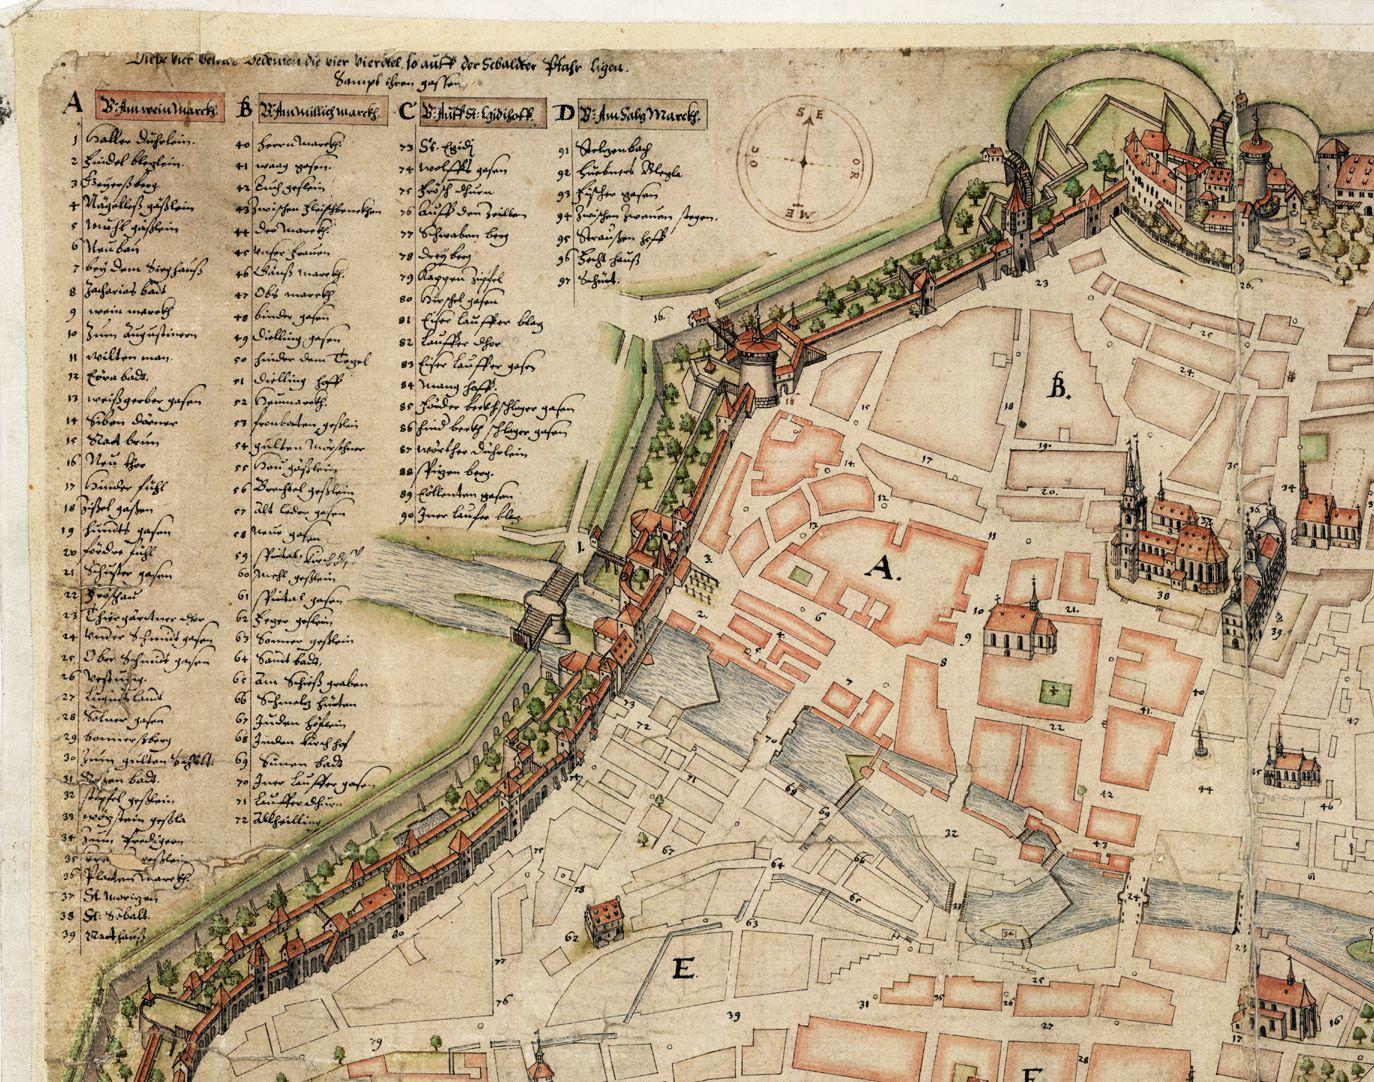 Nürnberg in Aufsicht von Süden linkes oberes Bildviertel mit Legende